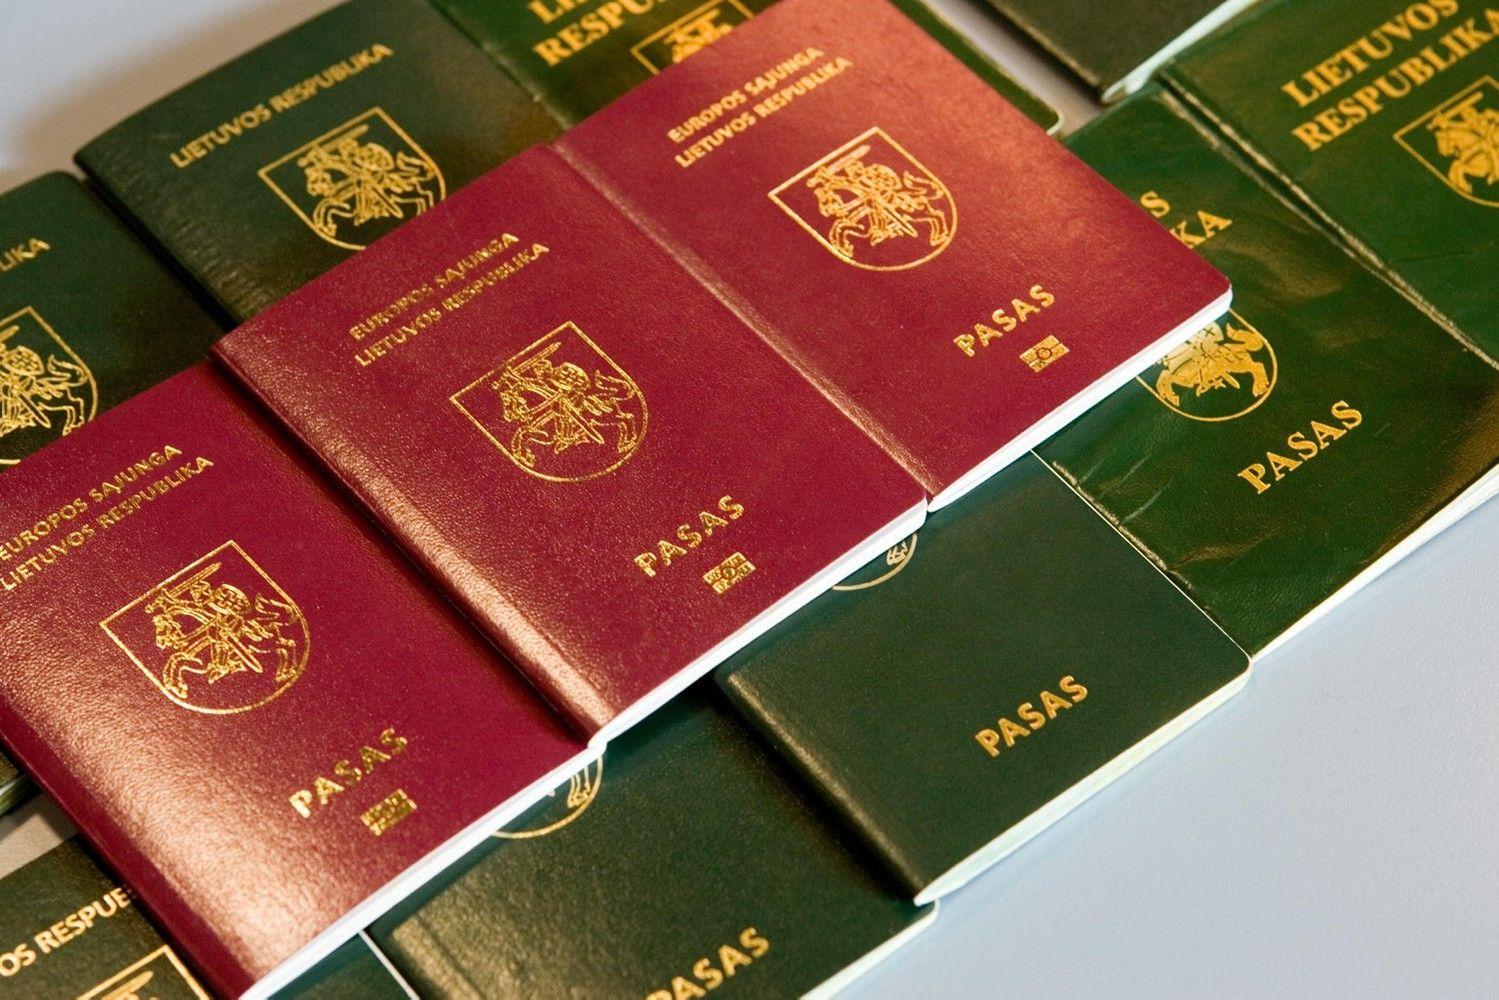 """Įvardijo """"galingiausius""""valstybių pasus, lietuviškas – 11-as pasaulyje"""